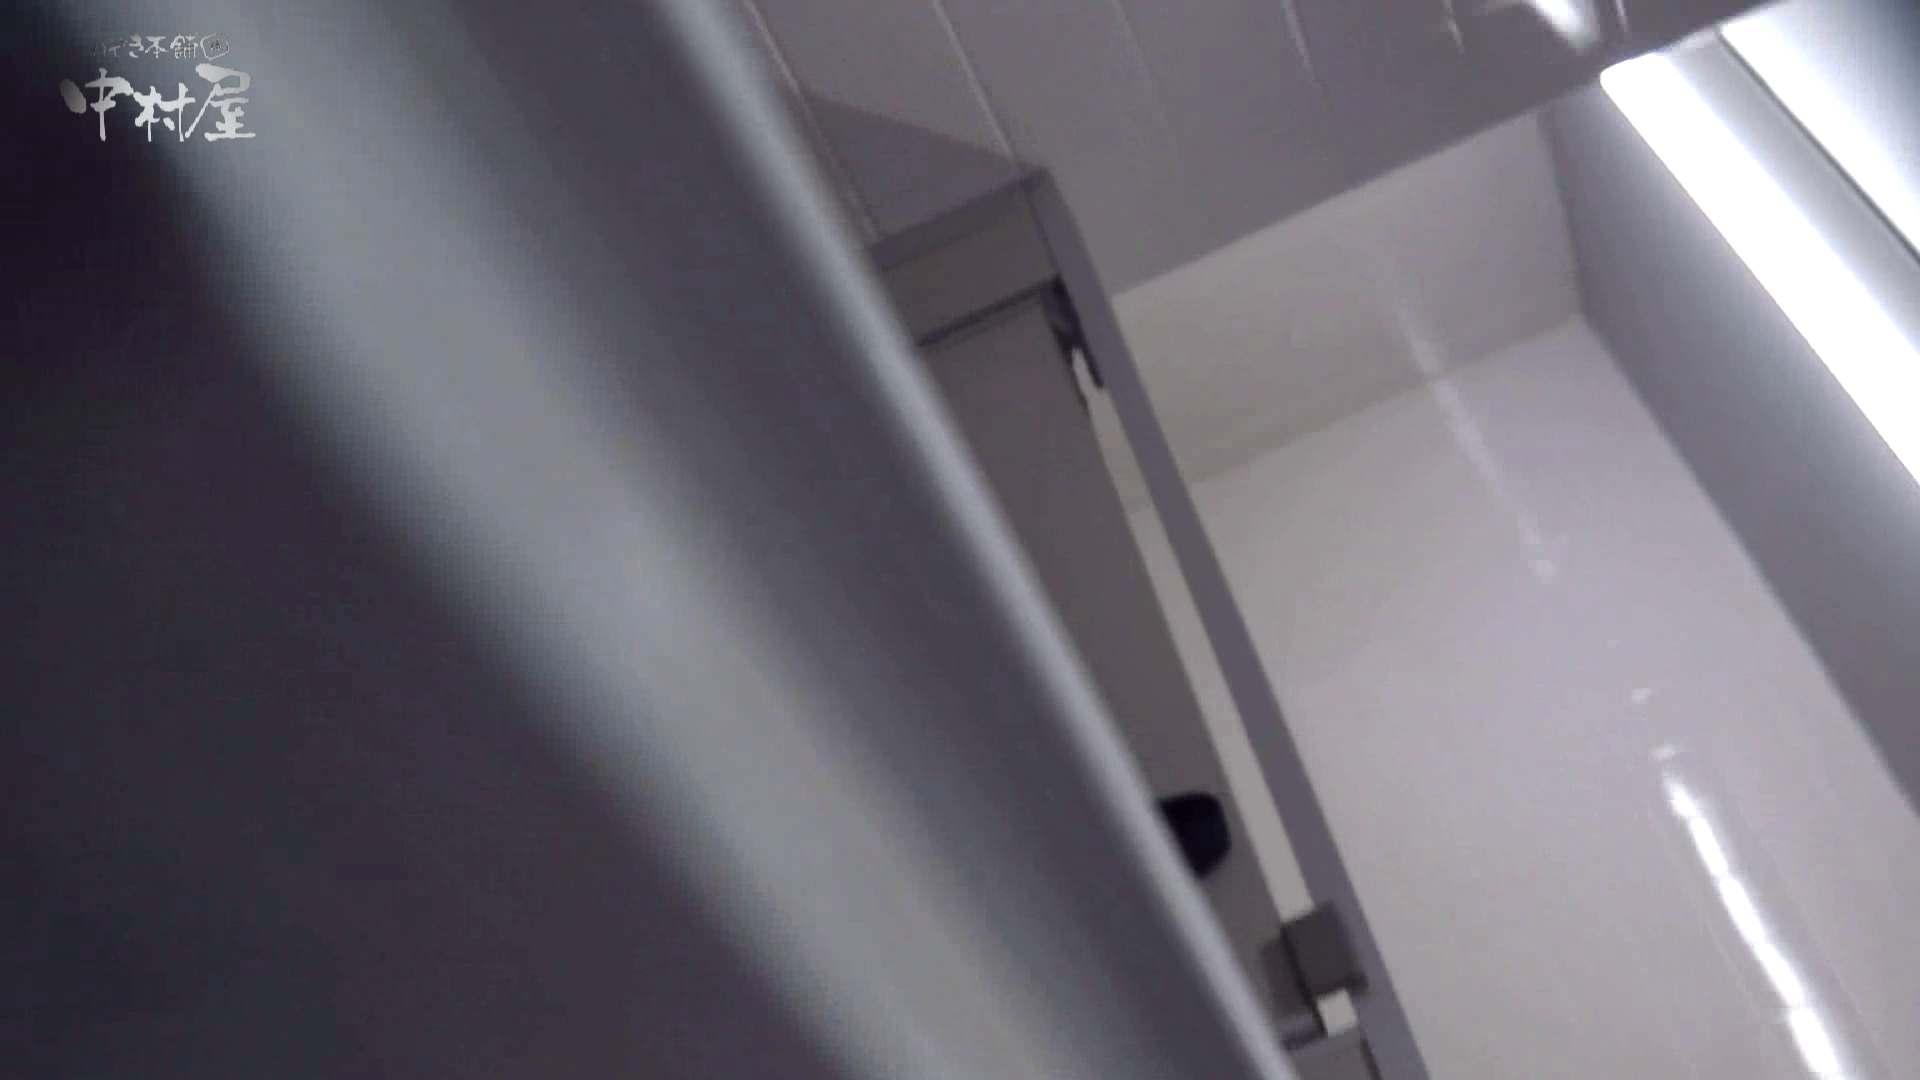 洗面所突入レポート!!vol.4 マンコエロすぎ 盗撮動画紹介 91PIX 66